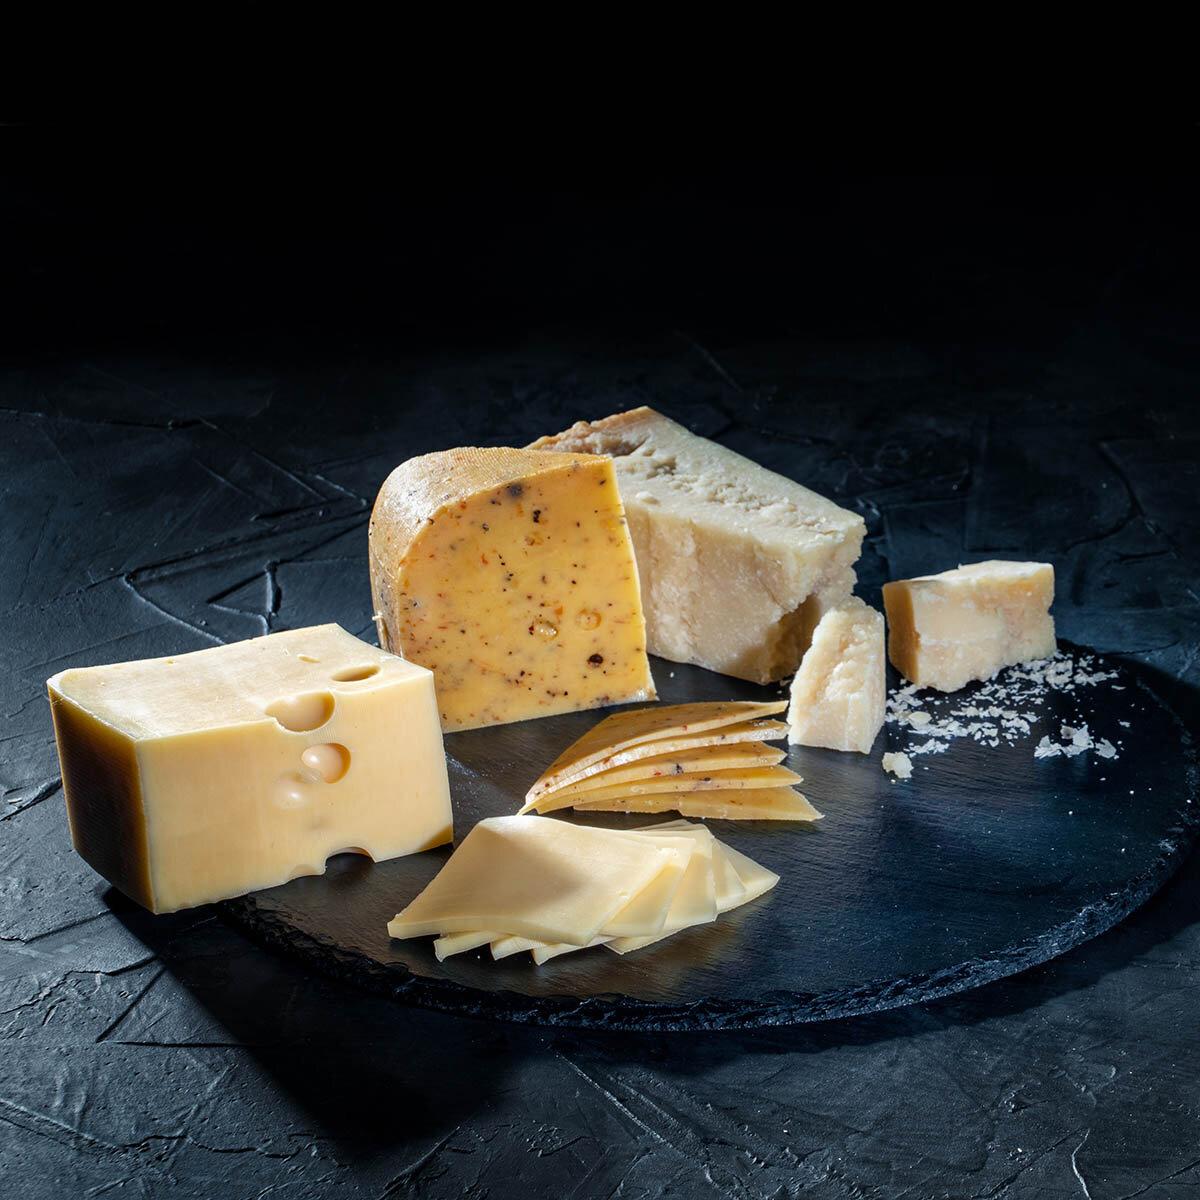 フランス人のいきいきとしたライフスタイルをお届け。本場チーズのサブスクで最愛の時間を